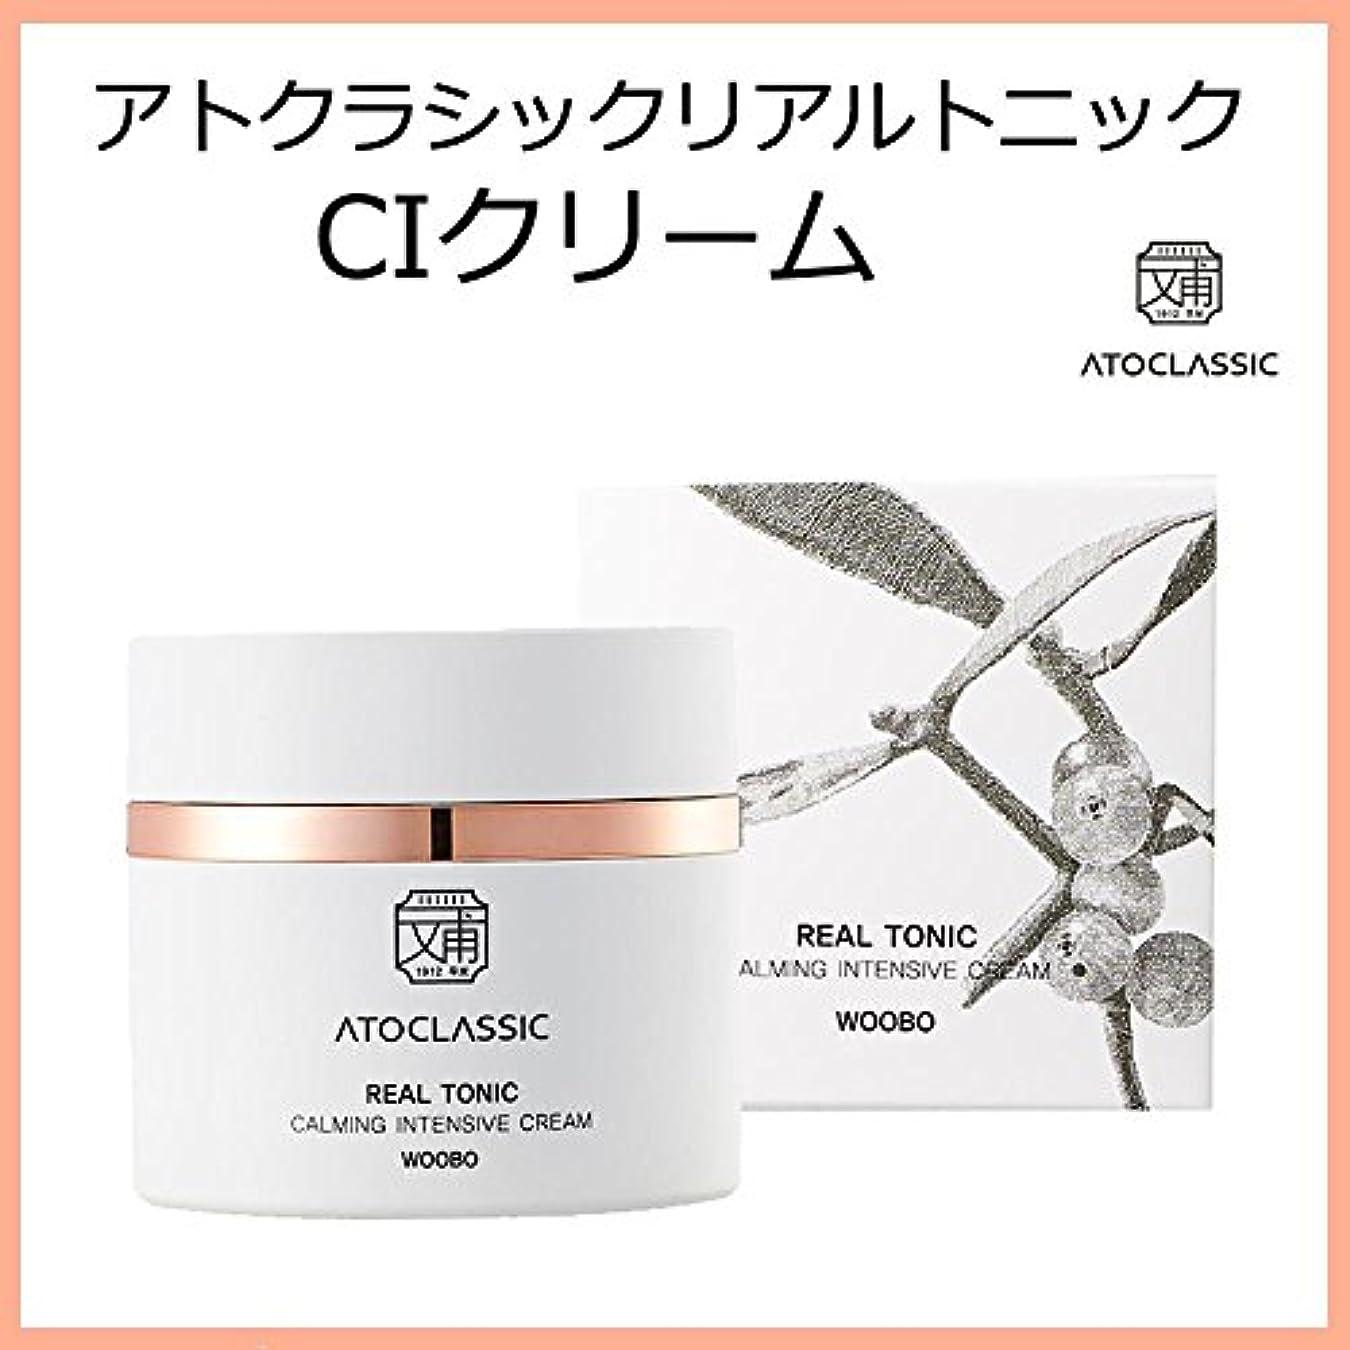 入るディレイピーク韓国コスメ ATOCLASSIC アトクラシックリアルトニック CIクリーム(Calming Intensive Cream) 50ml